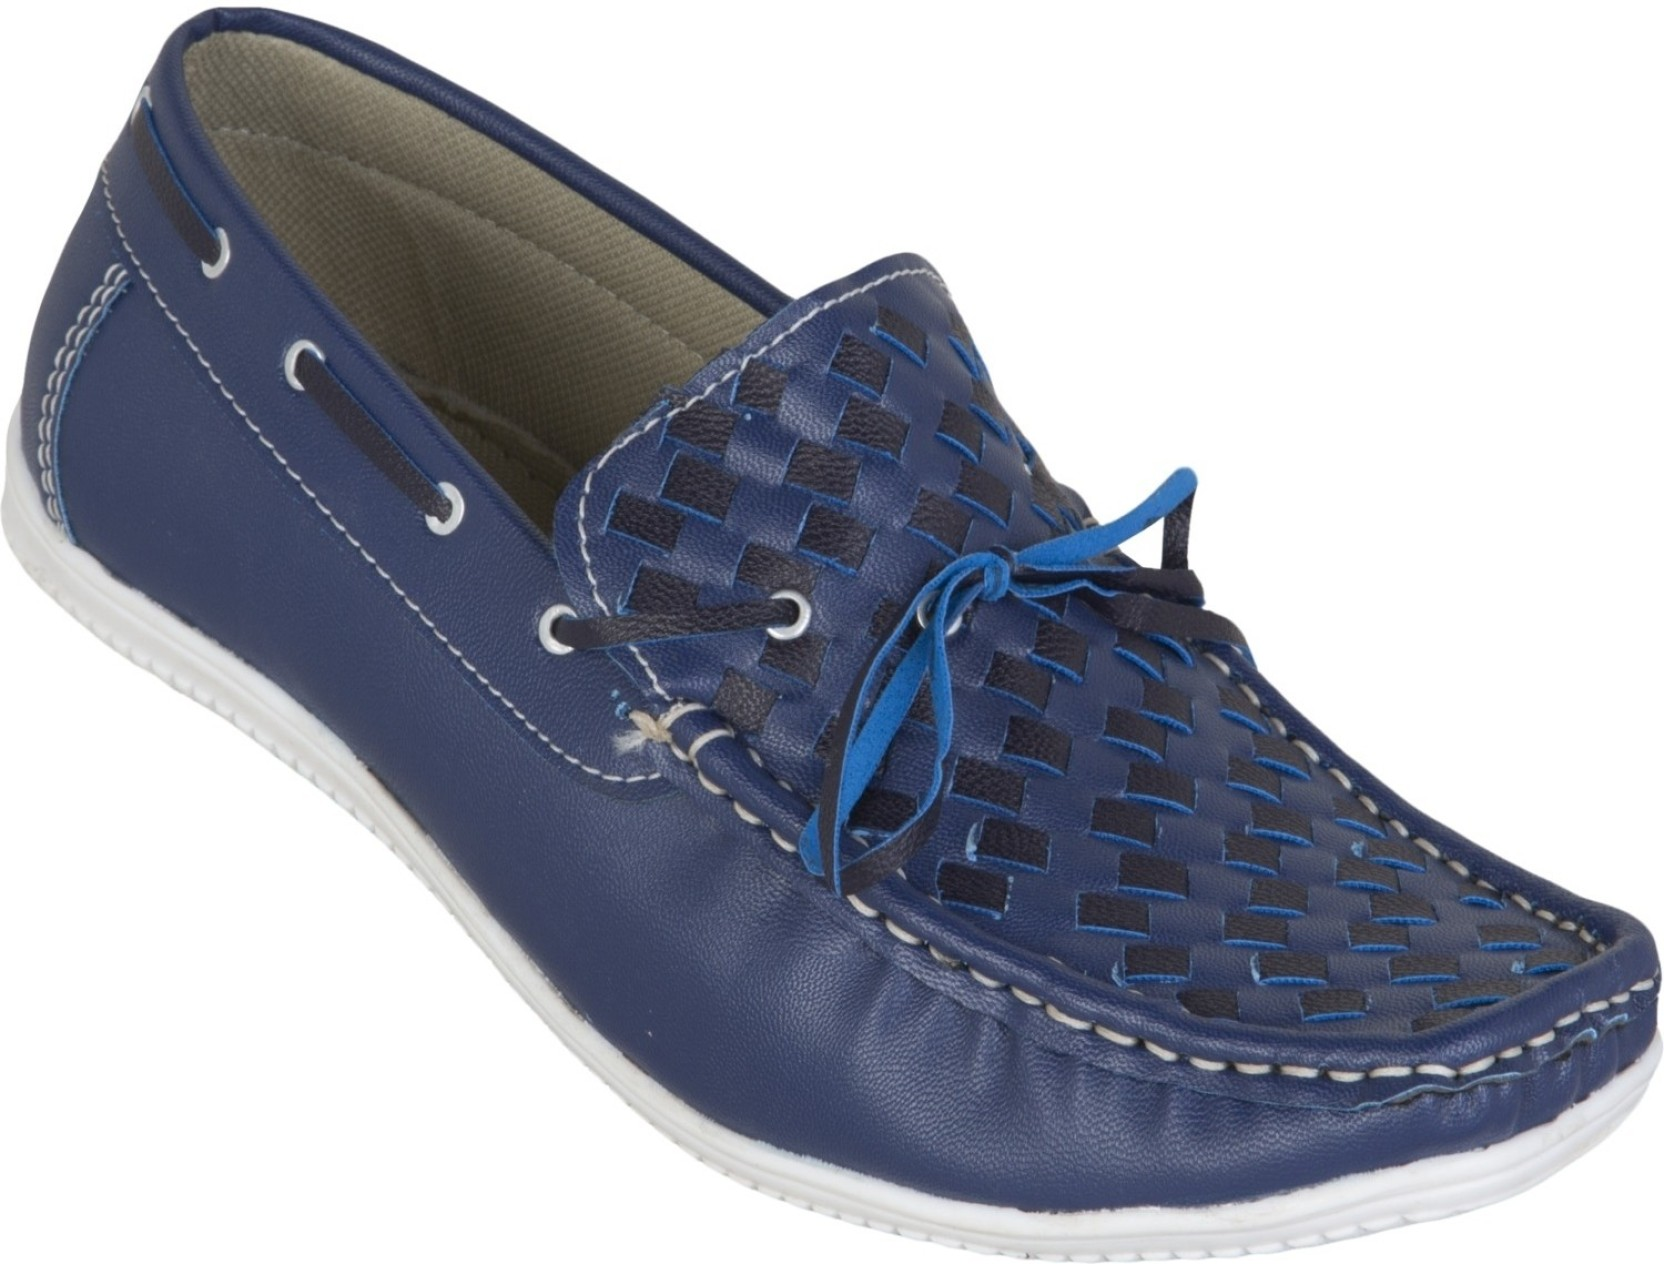 b6fbdf5af7 Zovi Ink Blue with Tie-up Detailing Boat Shoes For Men - Buy Blue ...